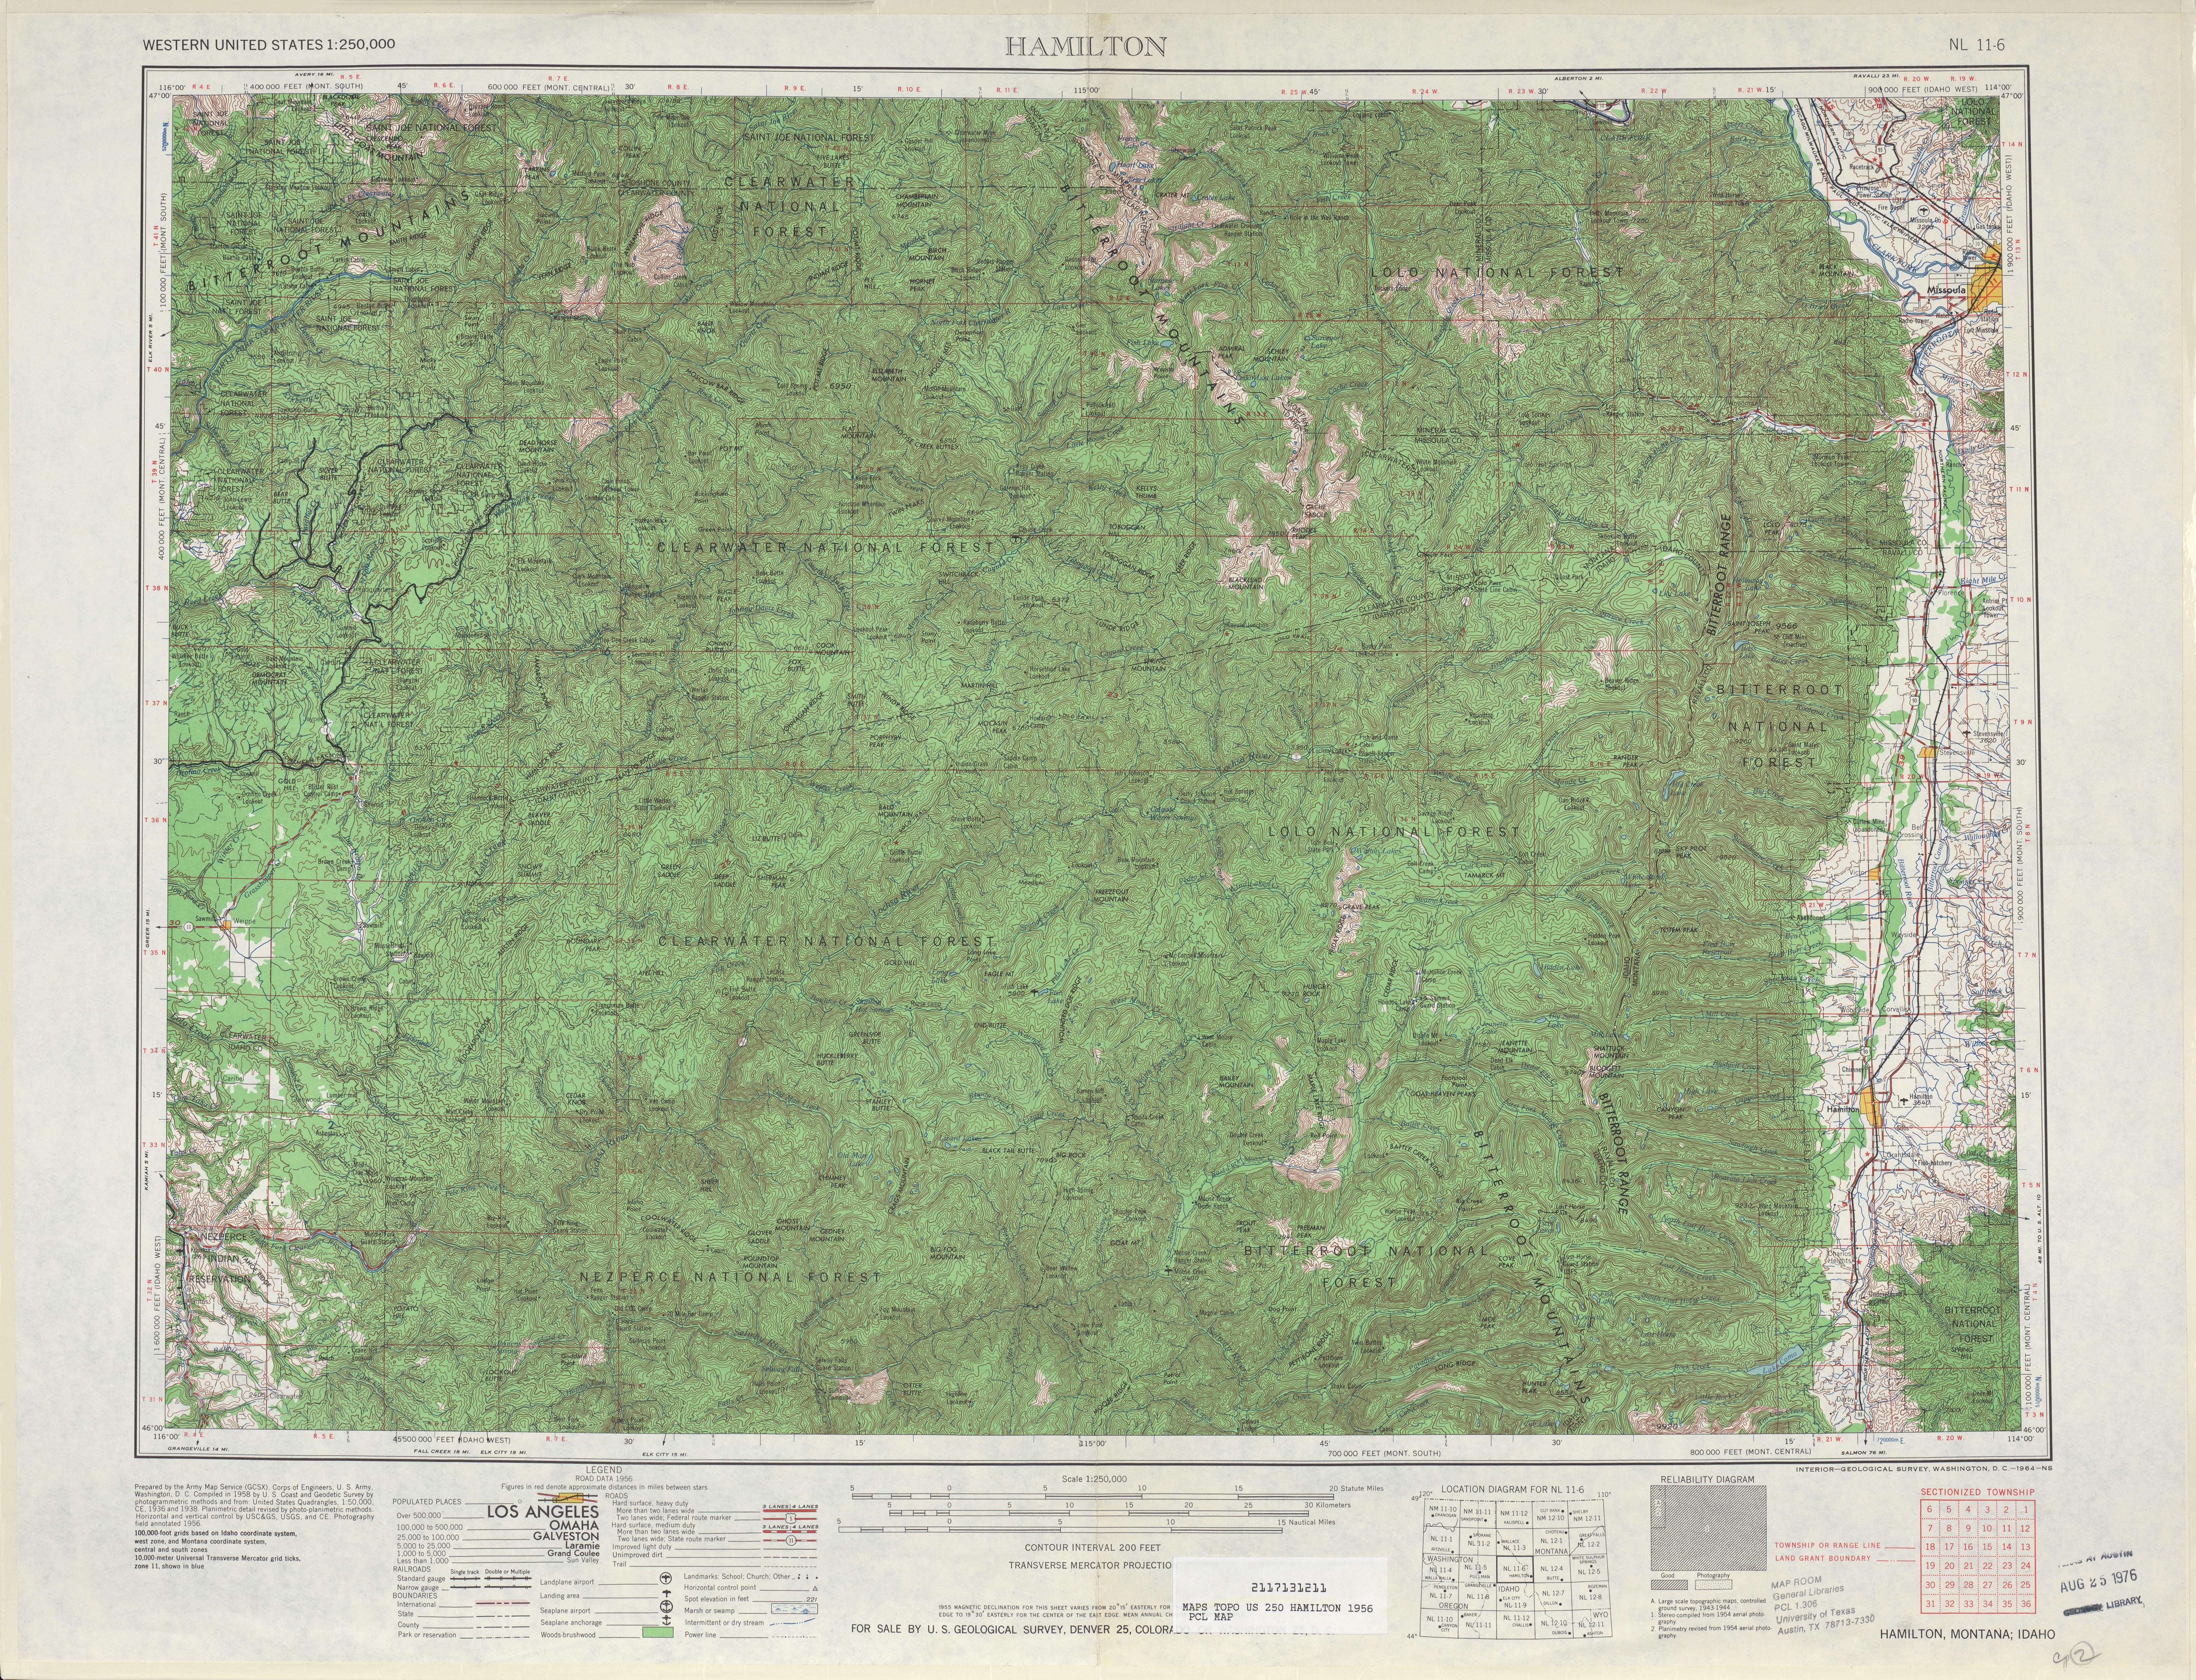 Hoja Hamilton del Mapa Topográfico de los Estados Unidos 1956